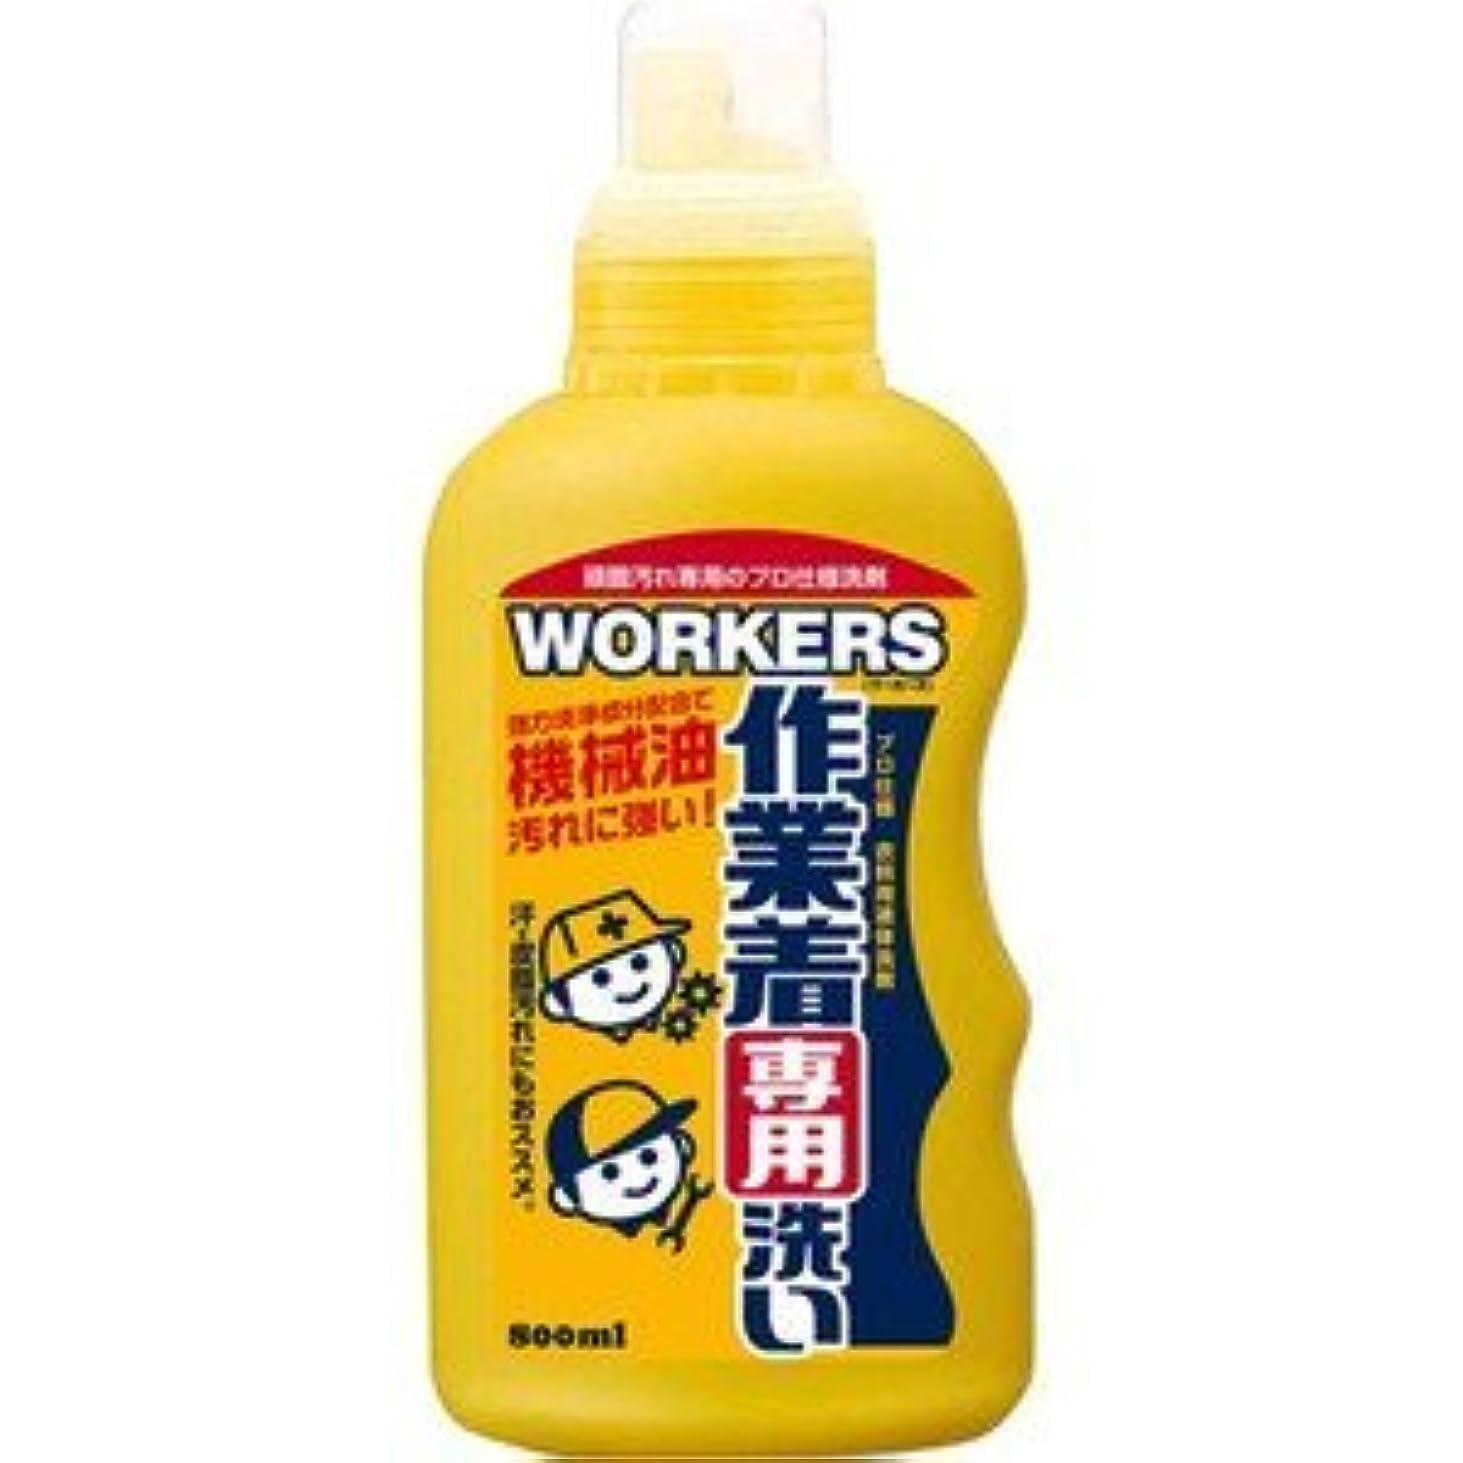 パイルアクロバット付与(NSファーファ?ジャパン)WORKERS 作業着液体洗剤 本体 800ml(お買い得3個セット)